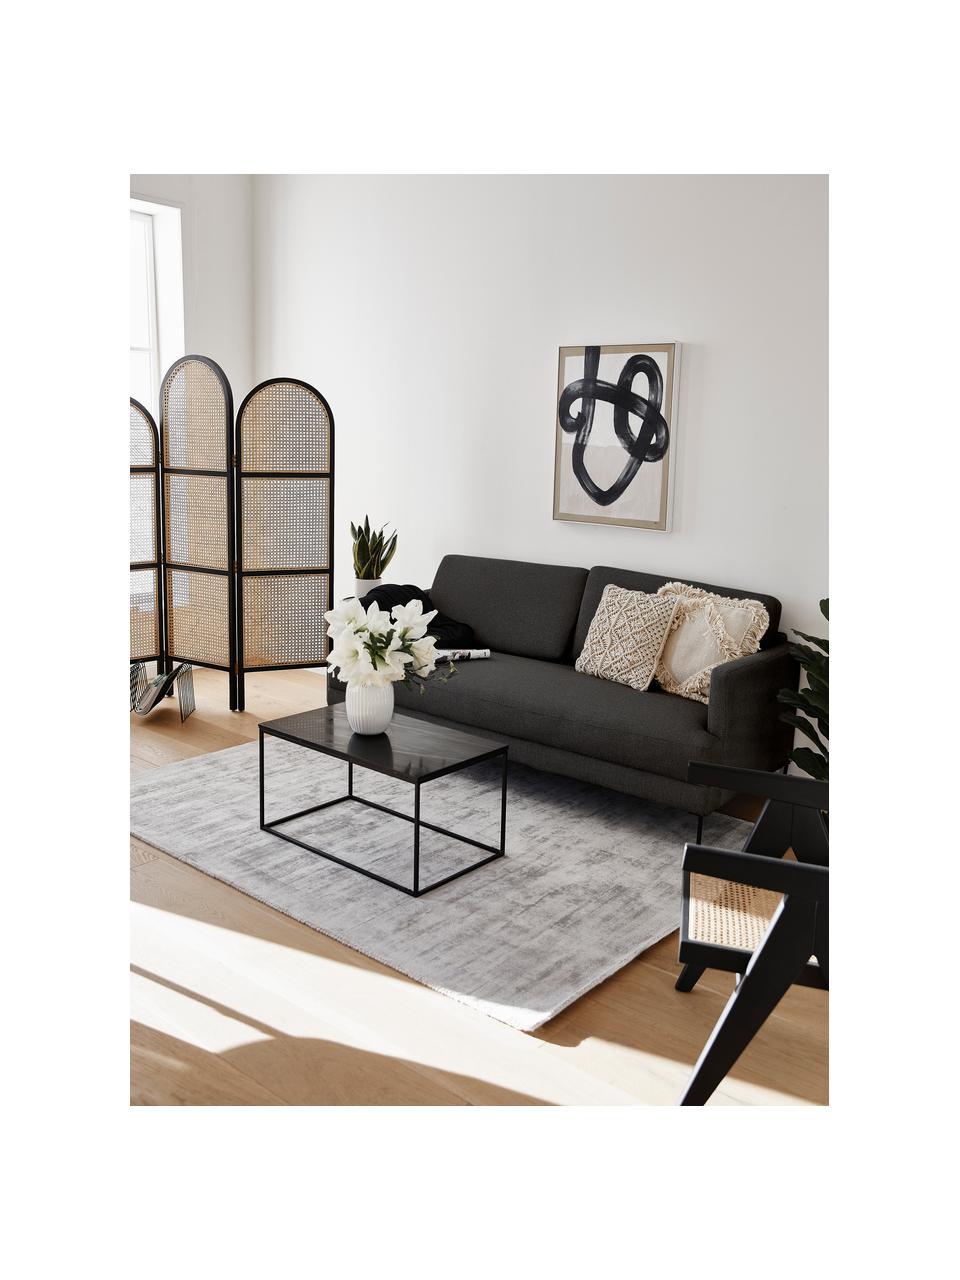 Sofa z  metalowymi nogami Fluente (3-osobowa), Tapicerka: 100% poliester Dzięki tka, Nogi: metal malowany proszkowo, Ciemnyszary, S 196 x G 85 cm